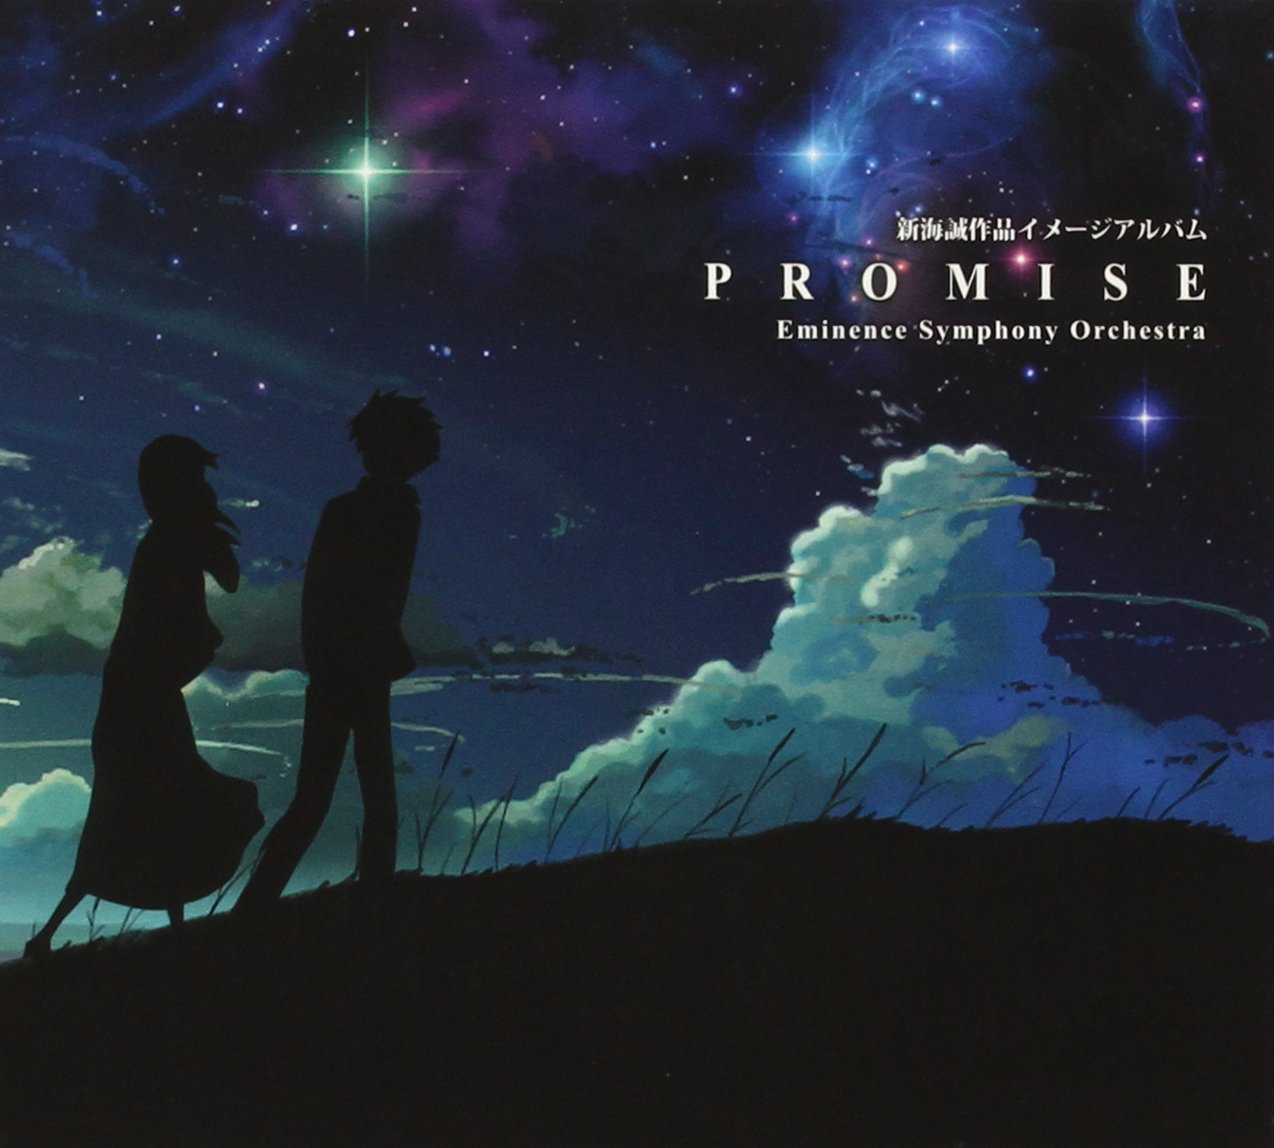 エミネンス交響楽団 : 新海誠作品イメージアルバム ... 甘酸っぱくって美しい 新海誠作品のス